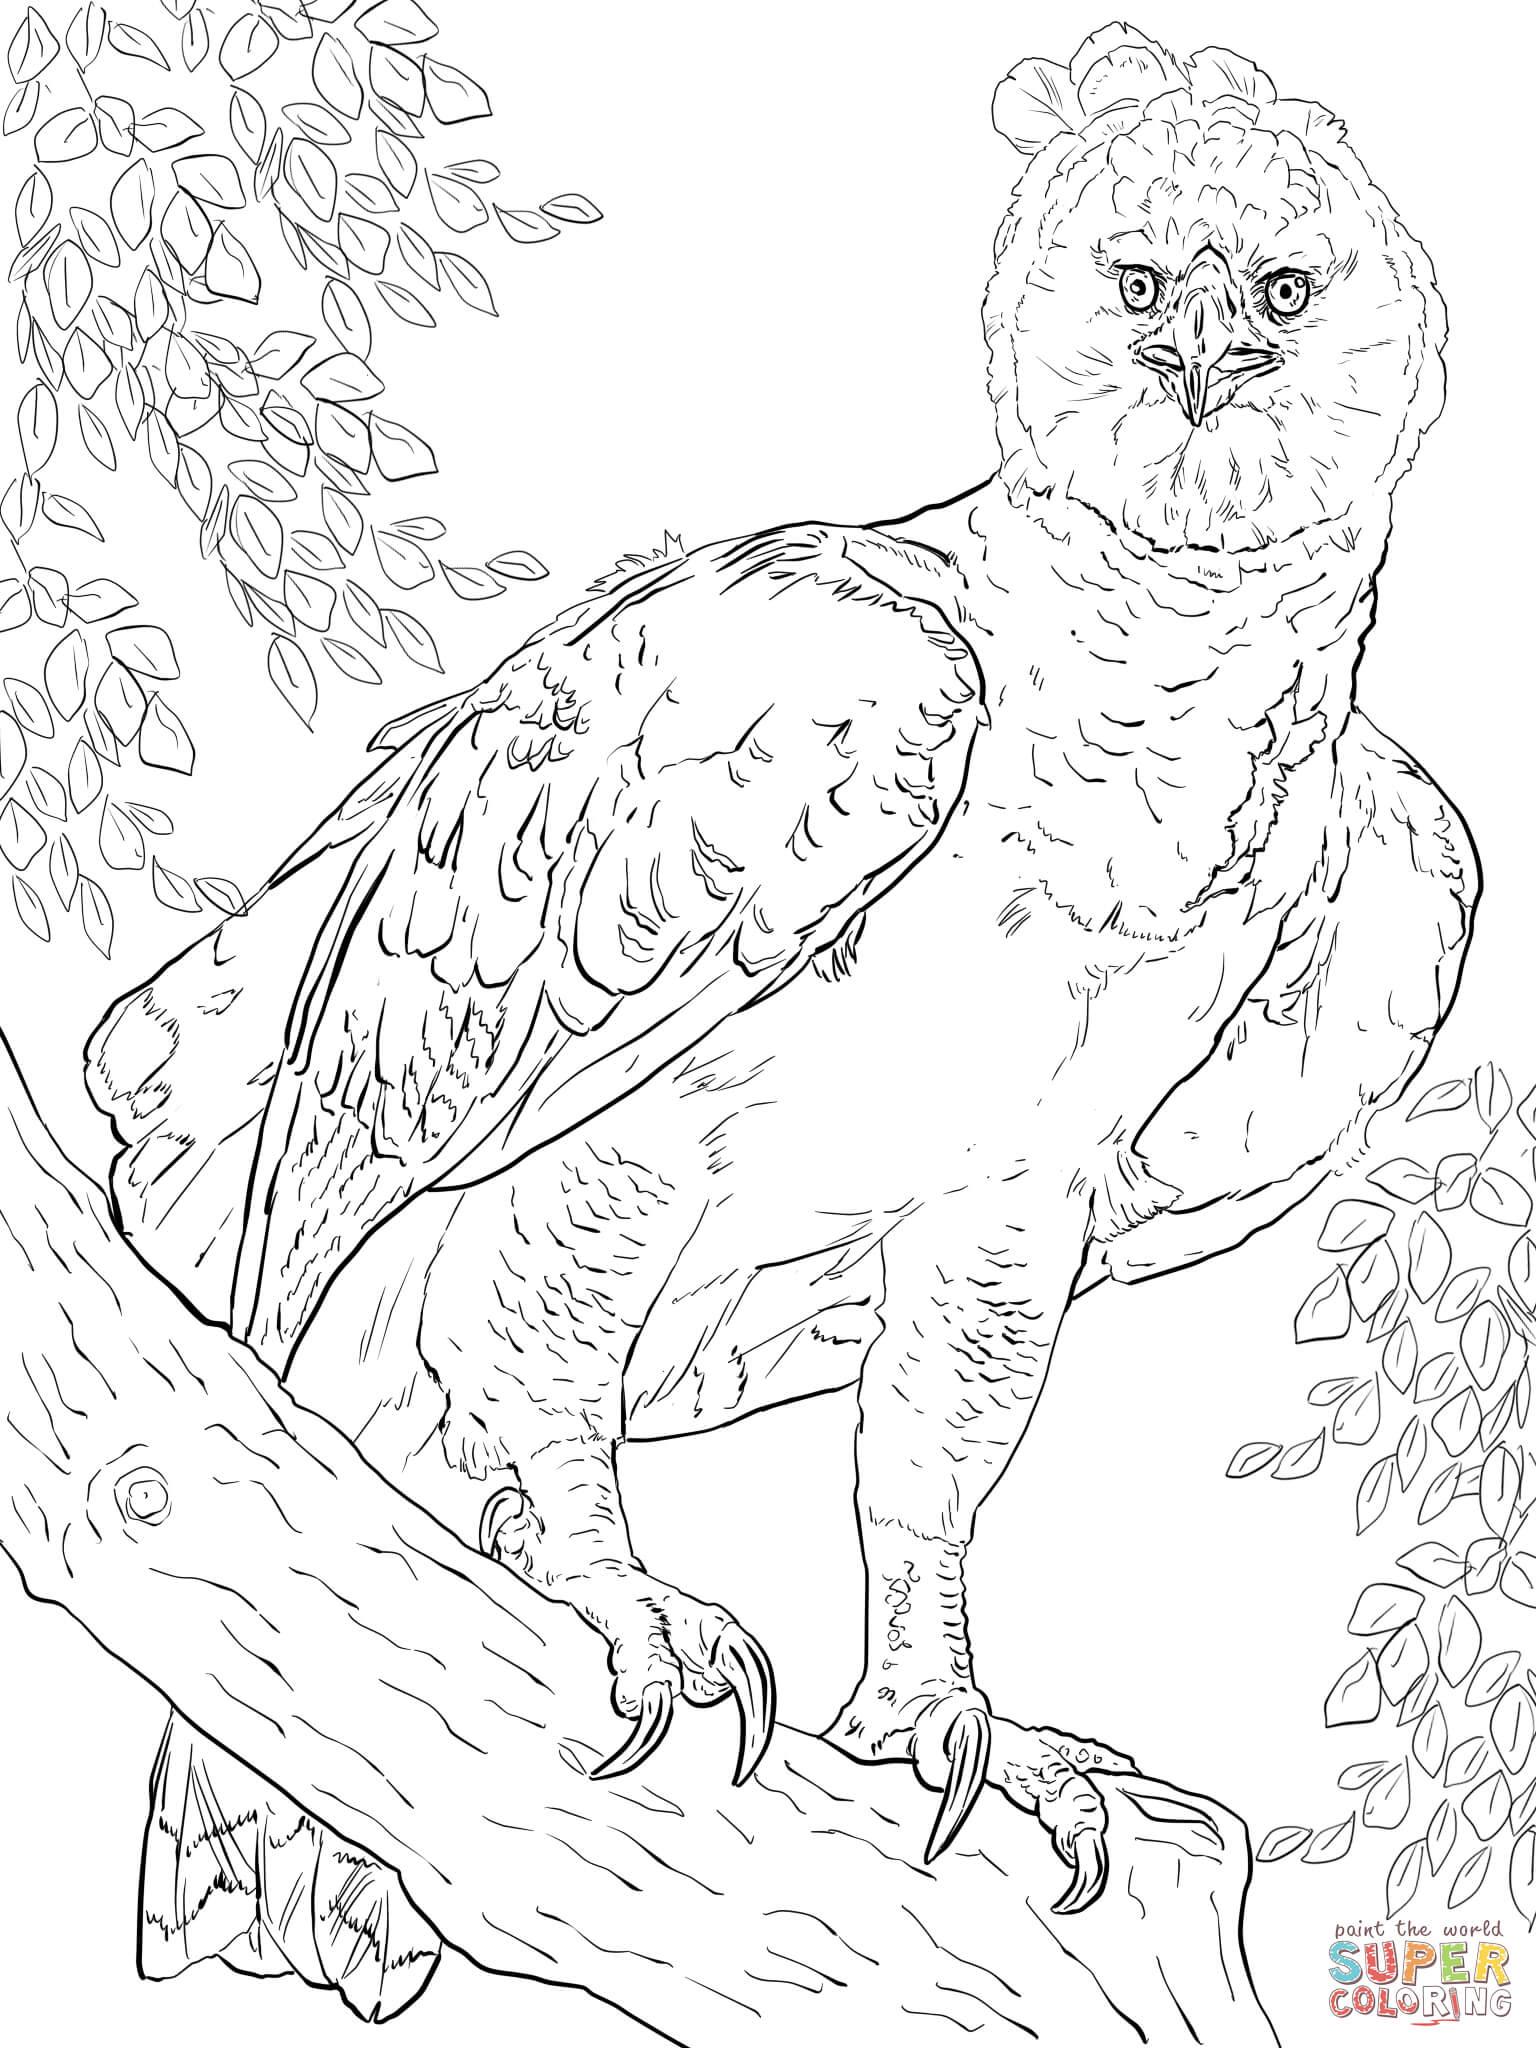 Dessin De Coloriage Aigle À Imprimer - Cp00515 concernant Coloriage Aigle A Imprimer Gratuit